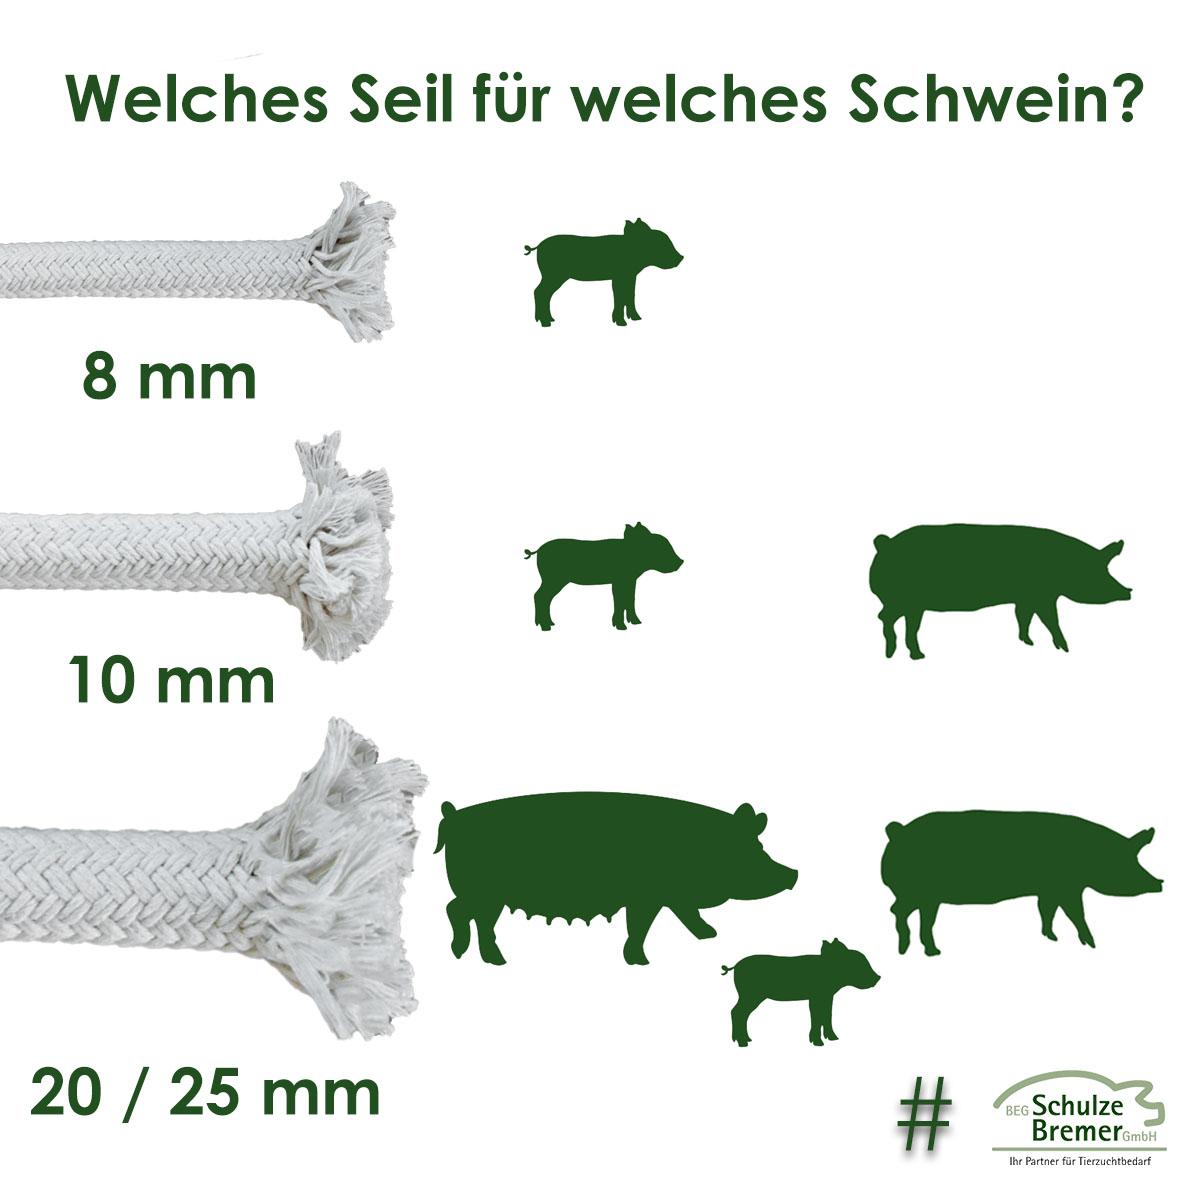 Welches Seil für welches Schwein